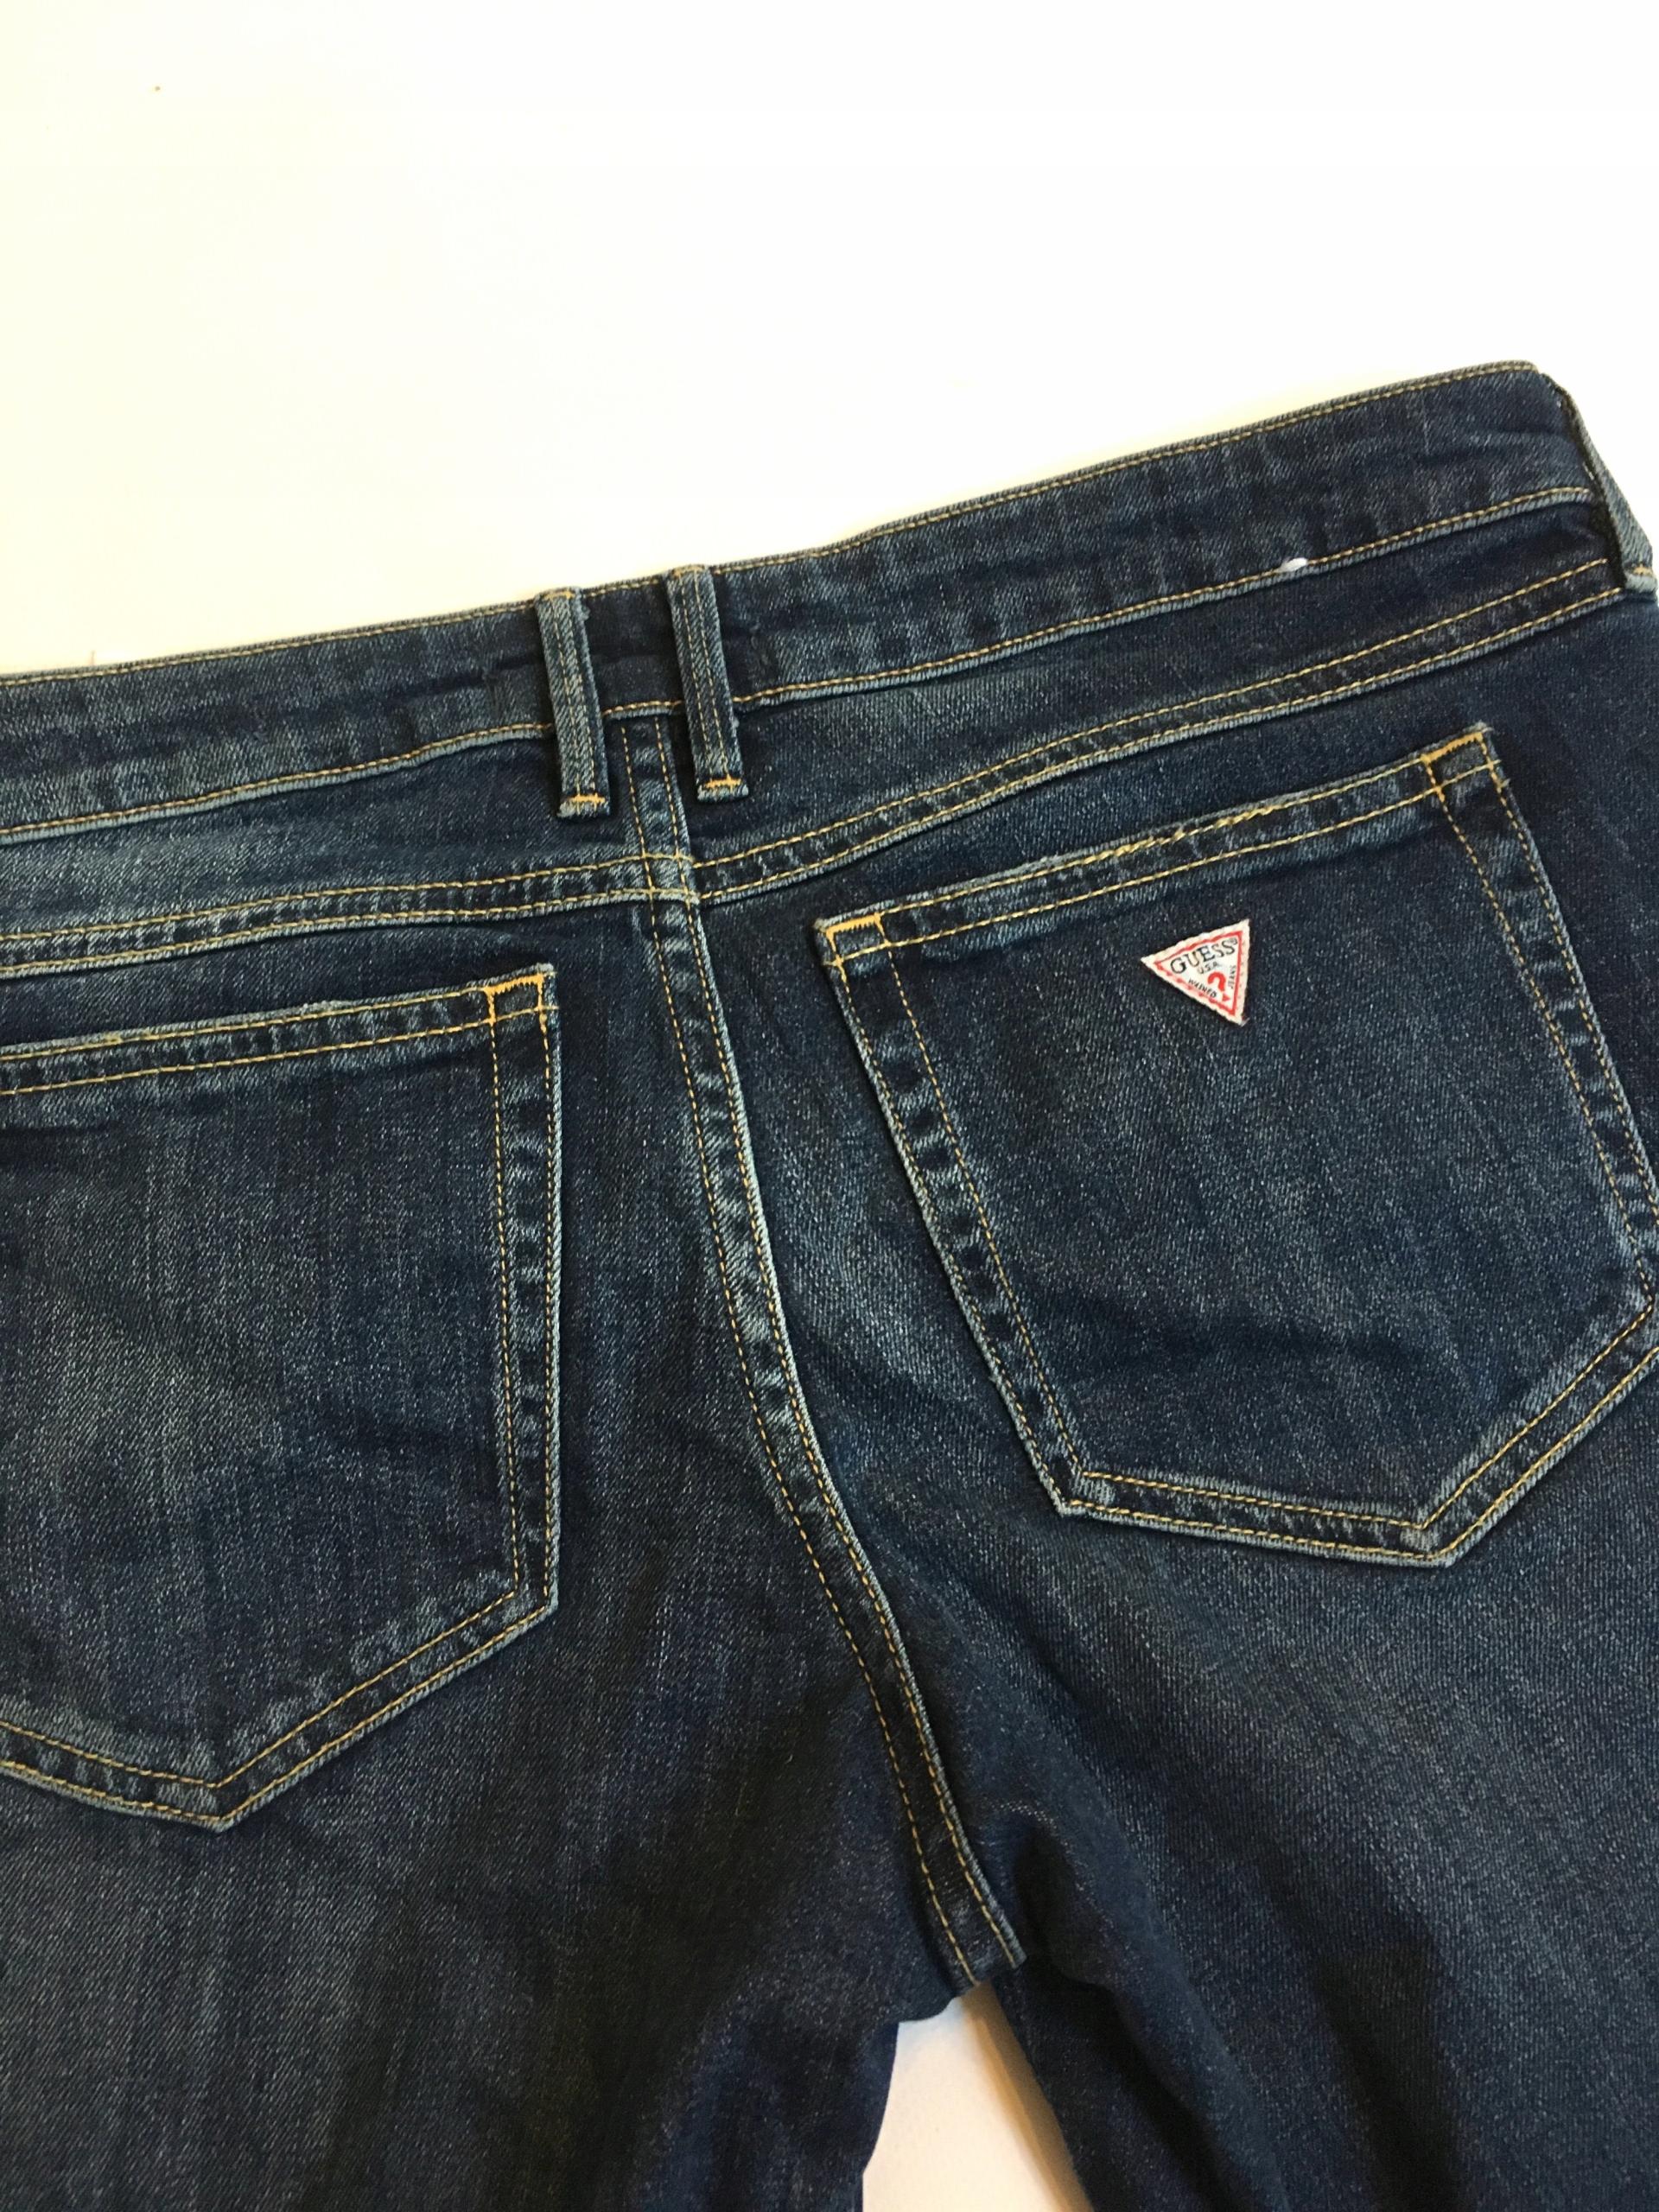 c65e43d82864e9 GUESS spodnie damskie JEANSY MARILYN 30 - 7656247506 - oficjalne ...